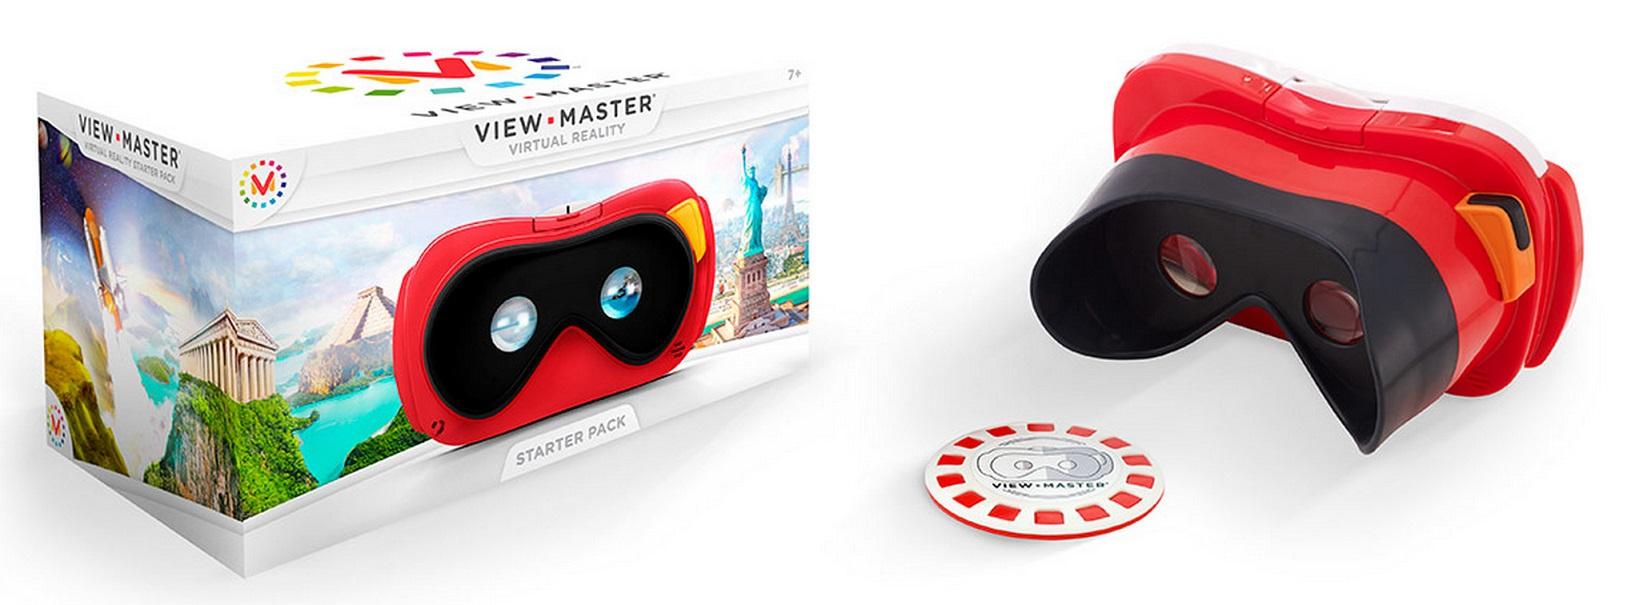 View-Master to odmiana od Mattel. Gogle są wspierane rozwiązaniami Rzeczywistości Rozszerzonej.